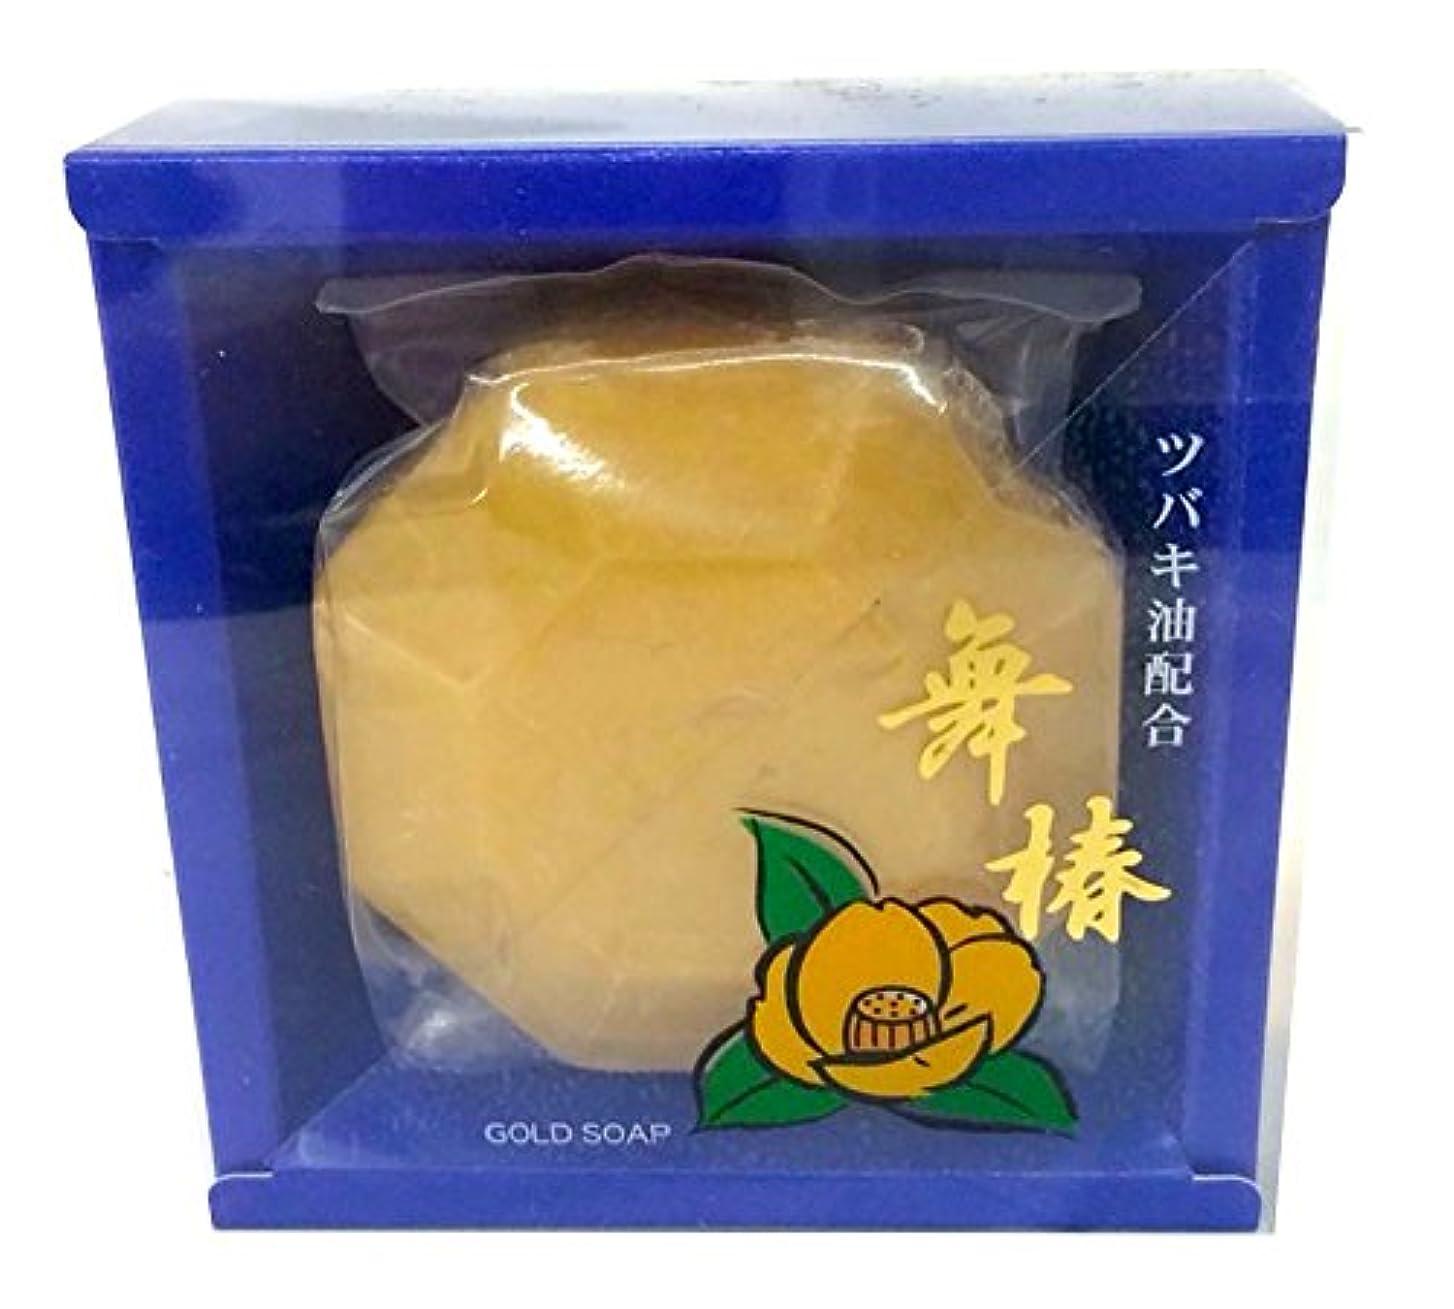 クール幼児貧しい舞椿ゴールドソープ (ツバキオイル配合)110g